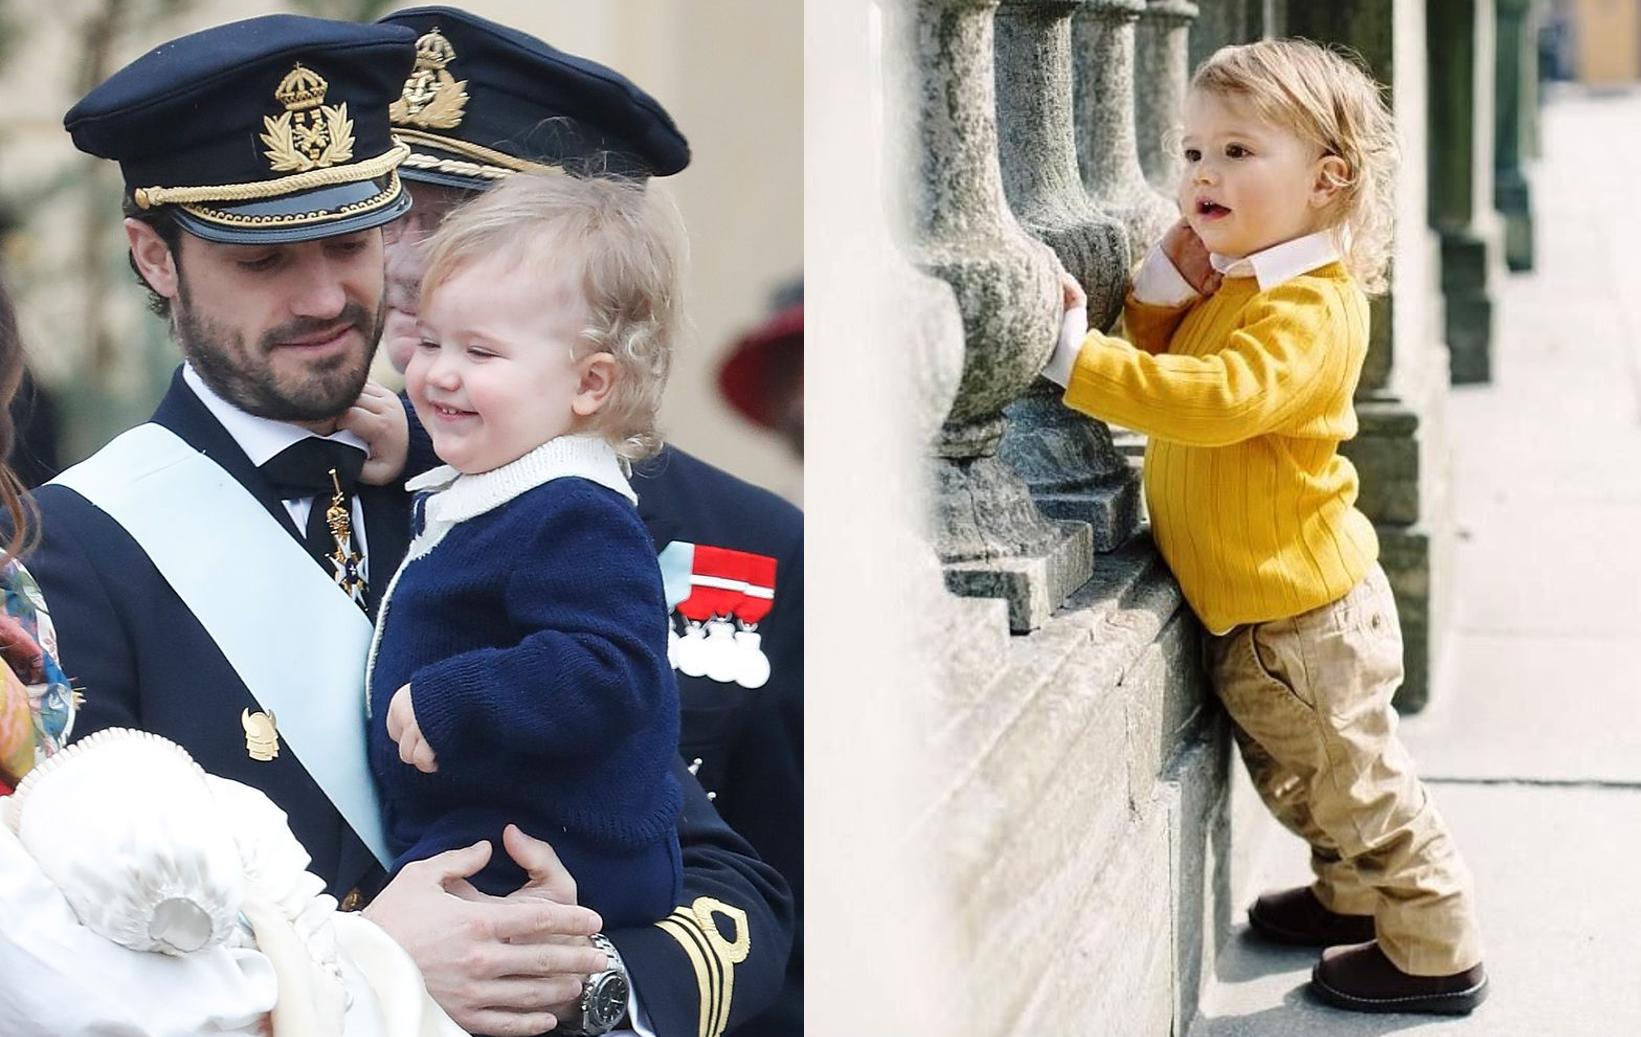 Không chỉ Hoàng gia Anh, còn rất nhiều tiểu Hoàng tử và Công chúa trên thế giới khiến ai cũng xuýt xoa vì dễ thương - Ảnh 1.